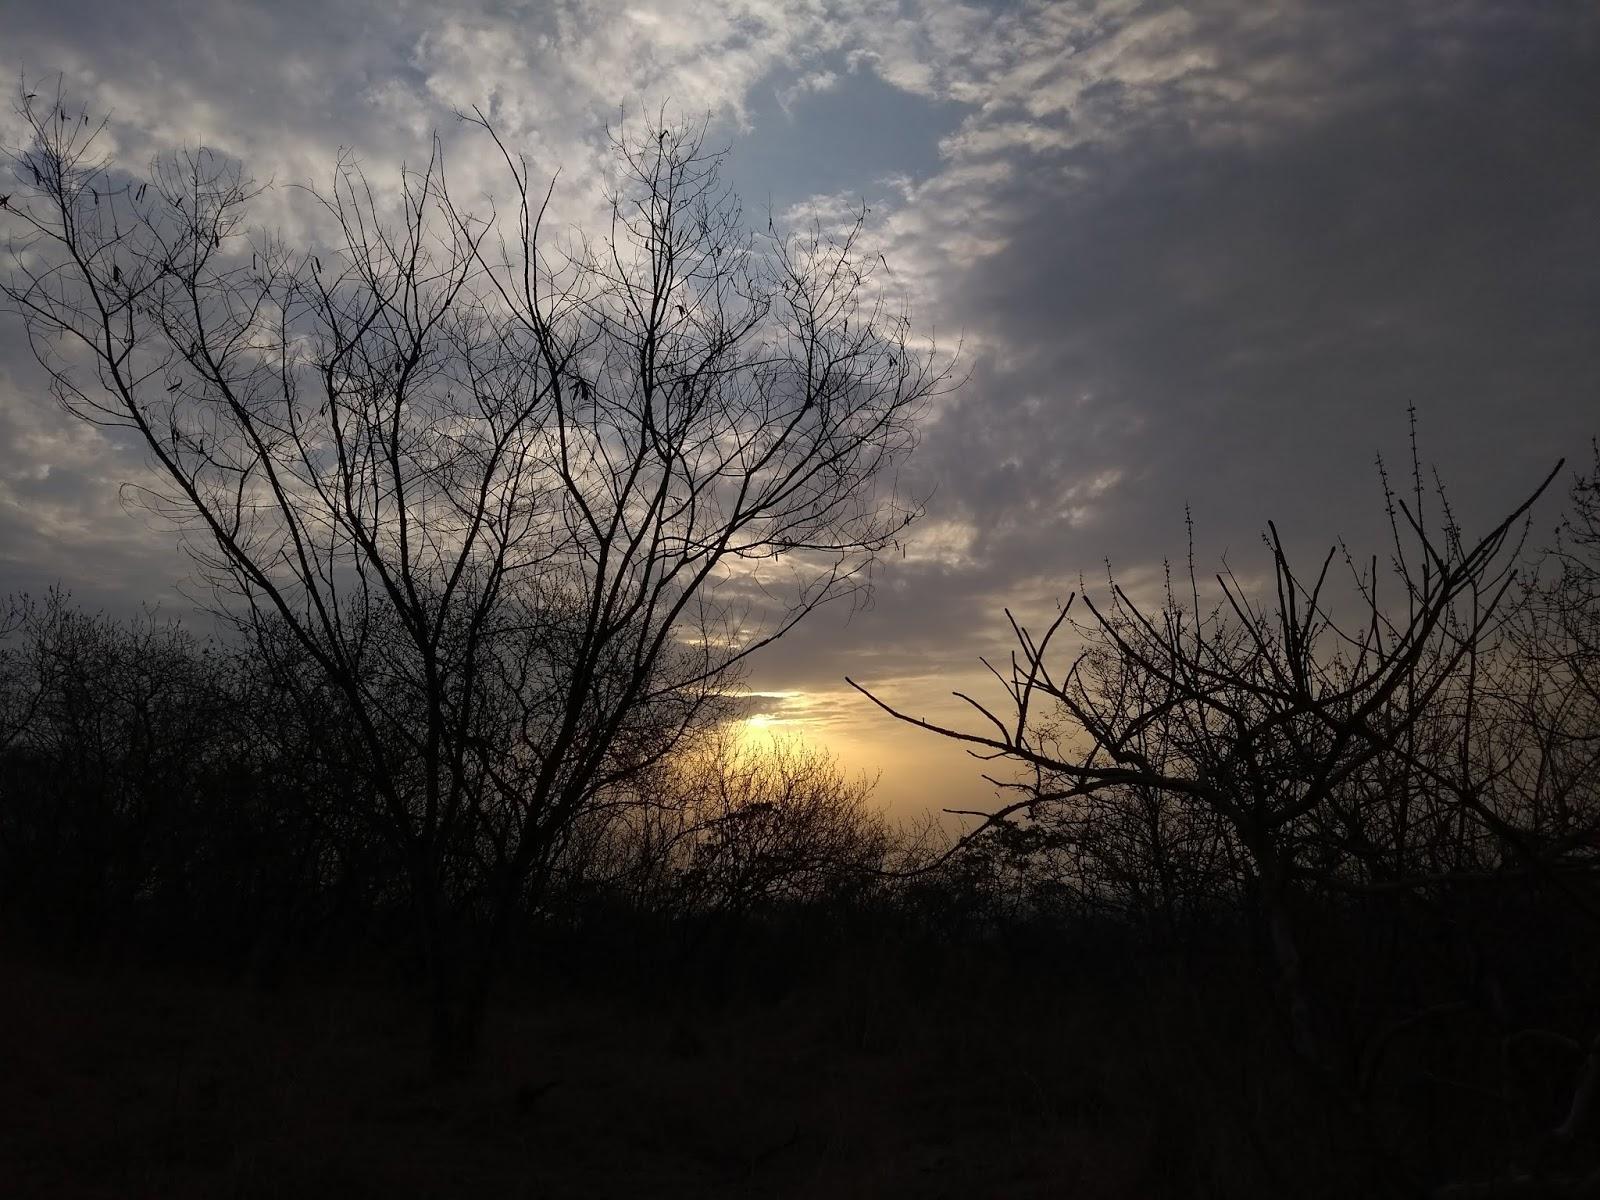 Vetal tekdi, Pune hills, Deciduous